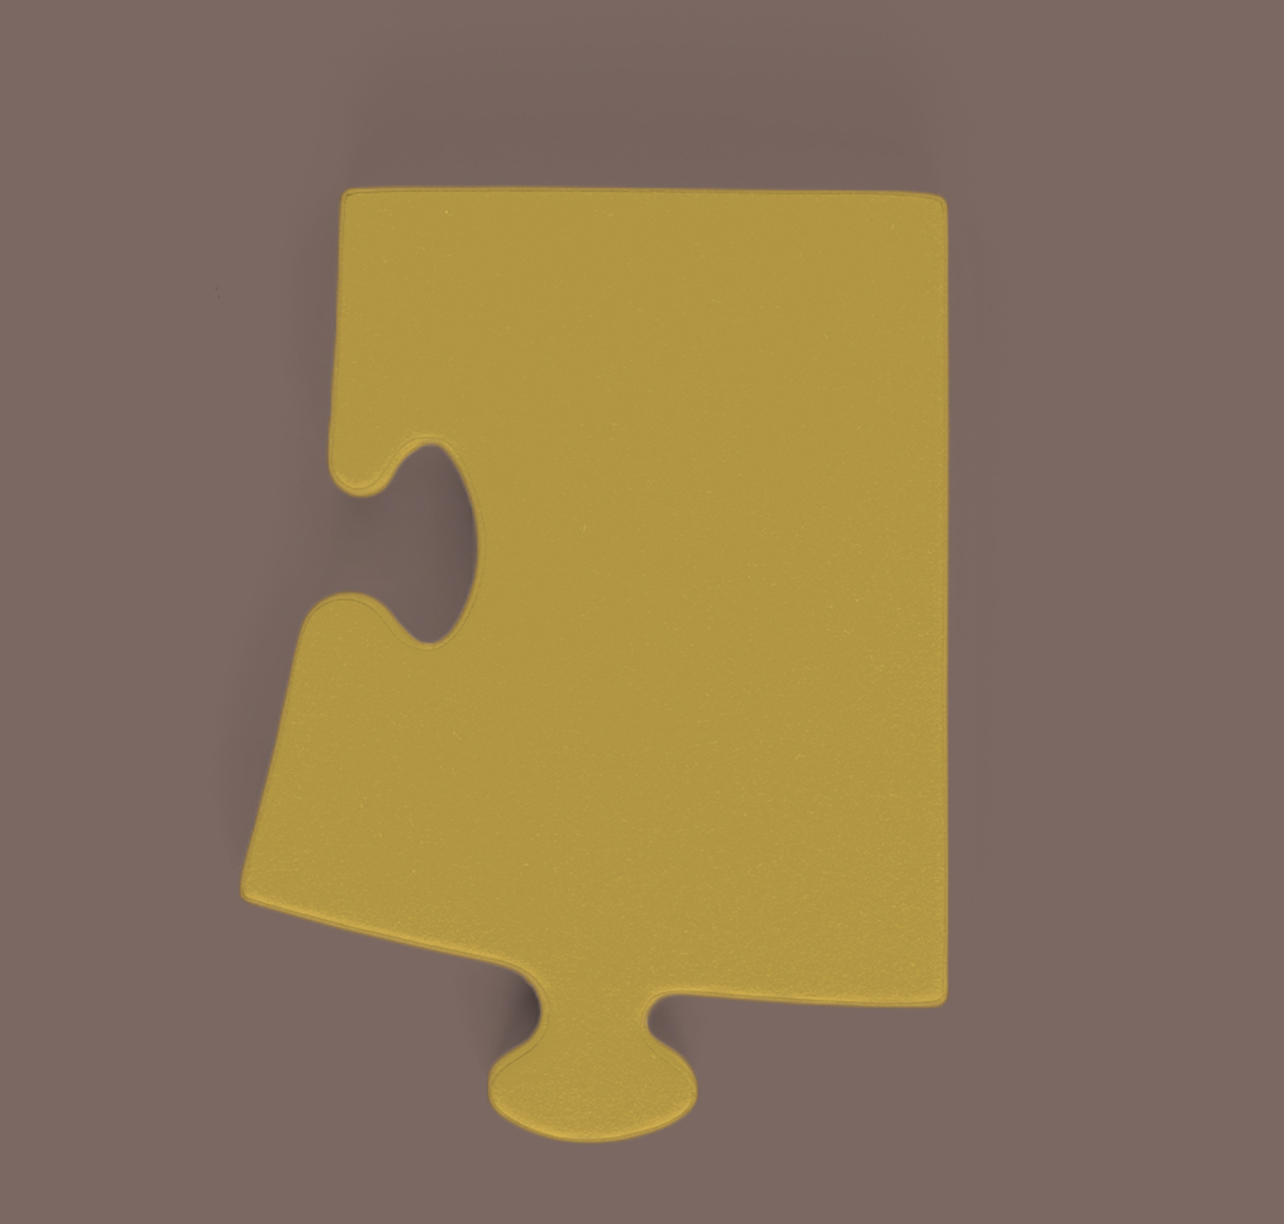 Mute_Puzzle_Corner_Yellow